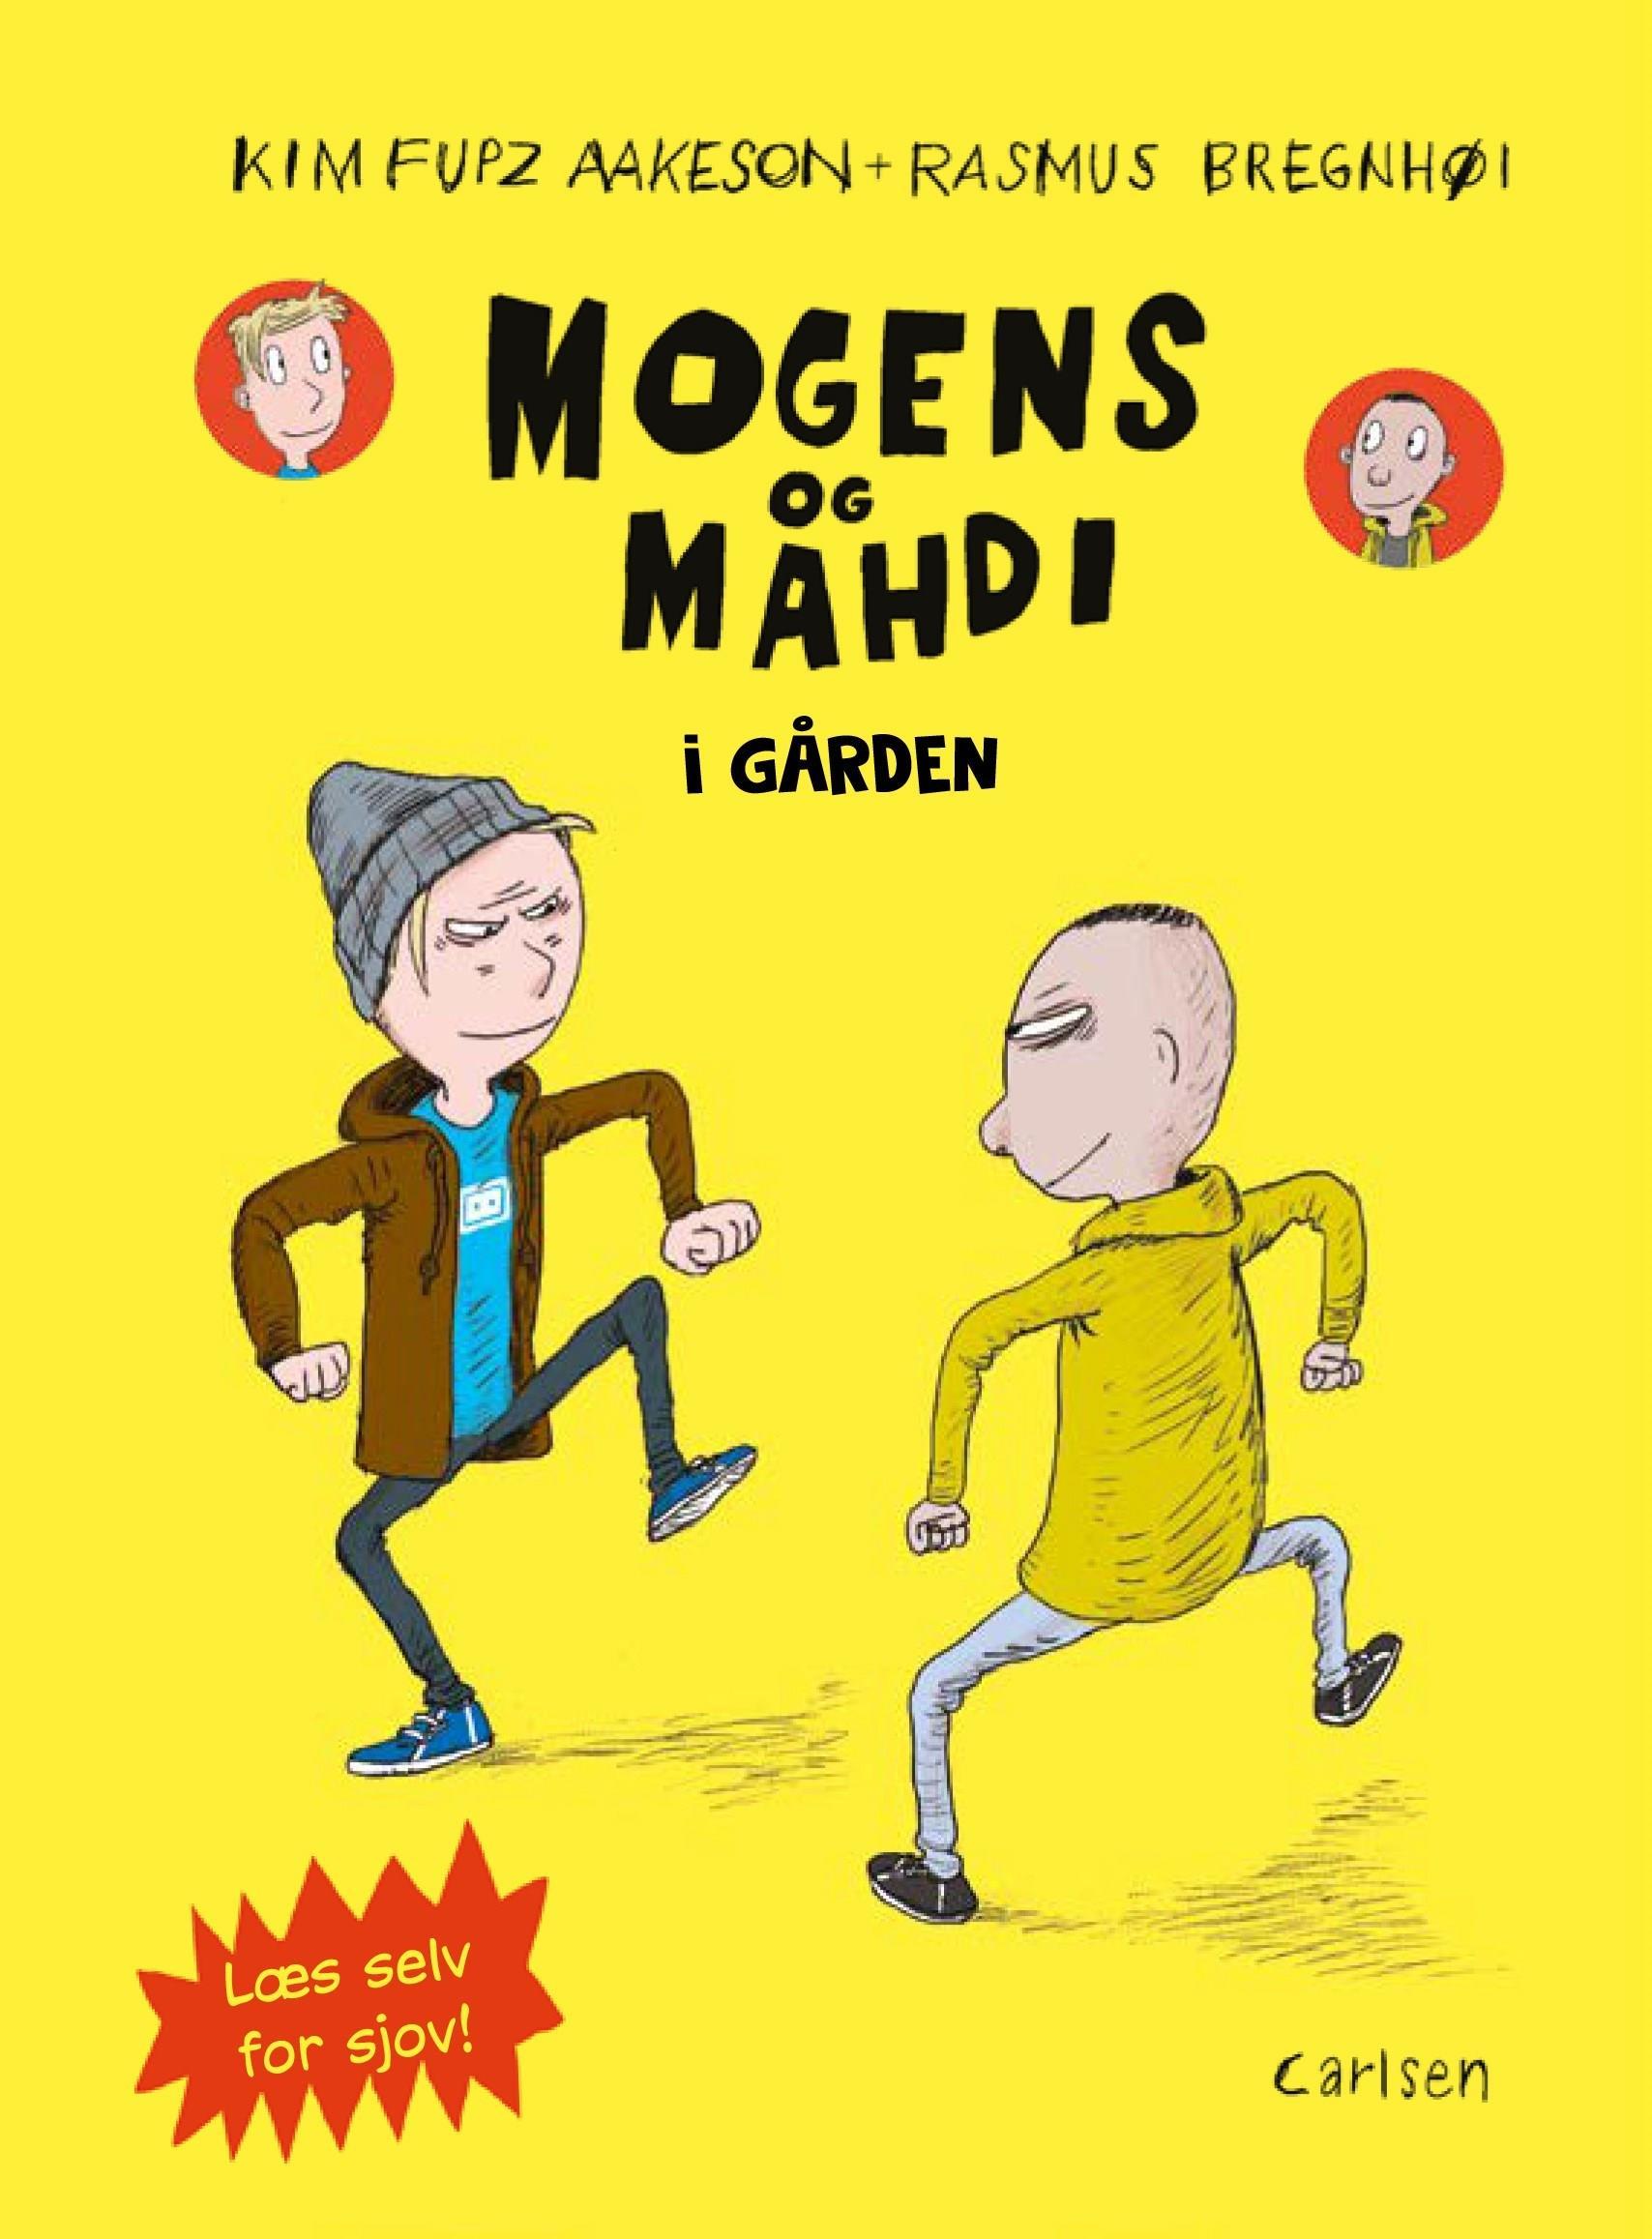 Mogens og Mahdi - Læs selv for sjov: Mogens og Mahdi i gården - Kim Fupz Aakeson - Bøger - CARLSEN - 9788711909720 - 11/4-2019